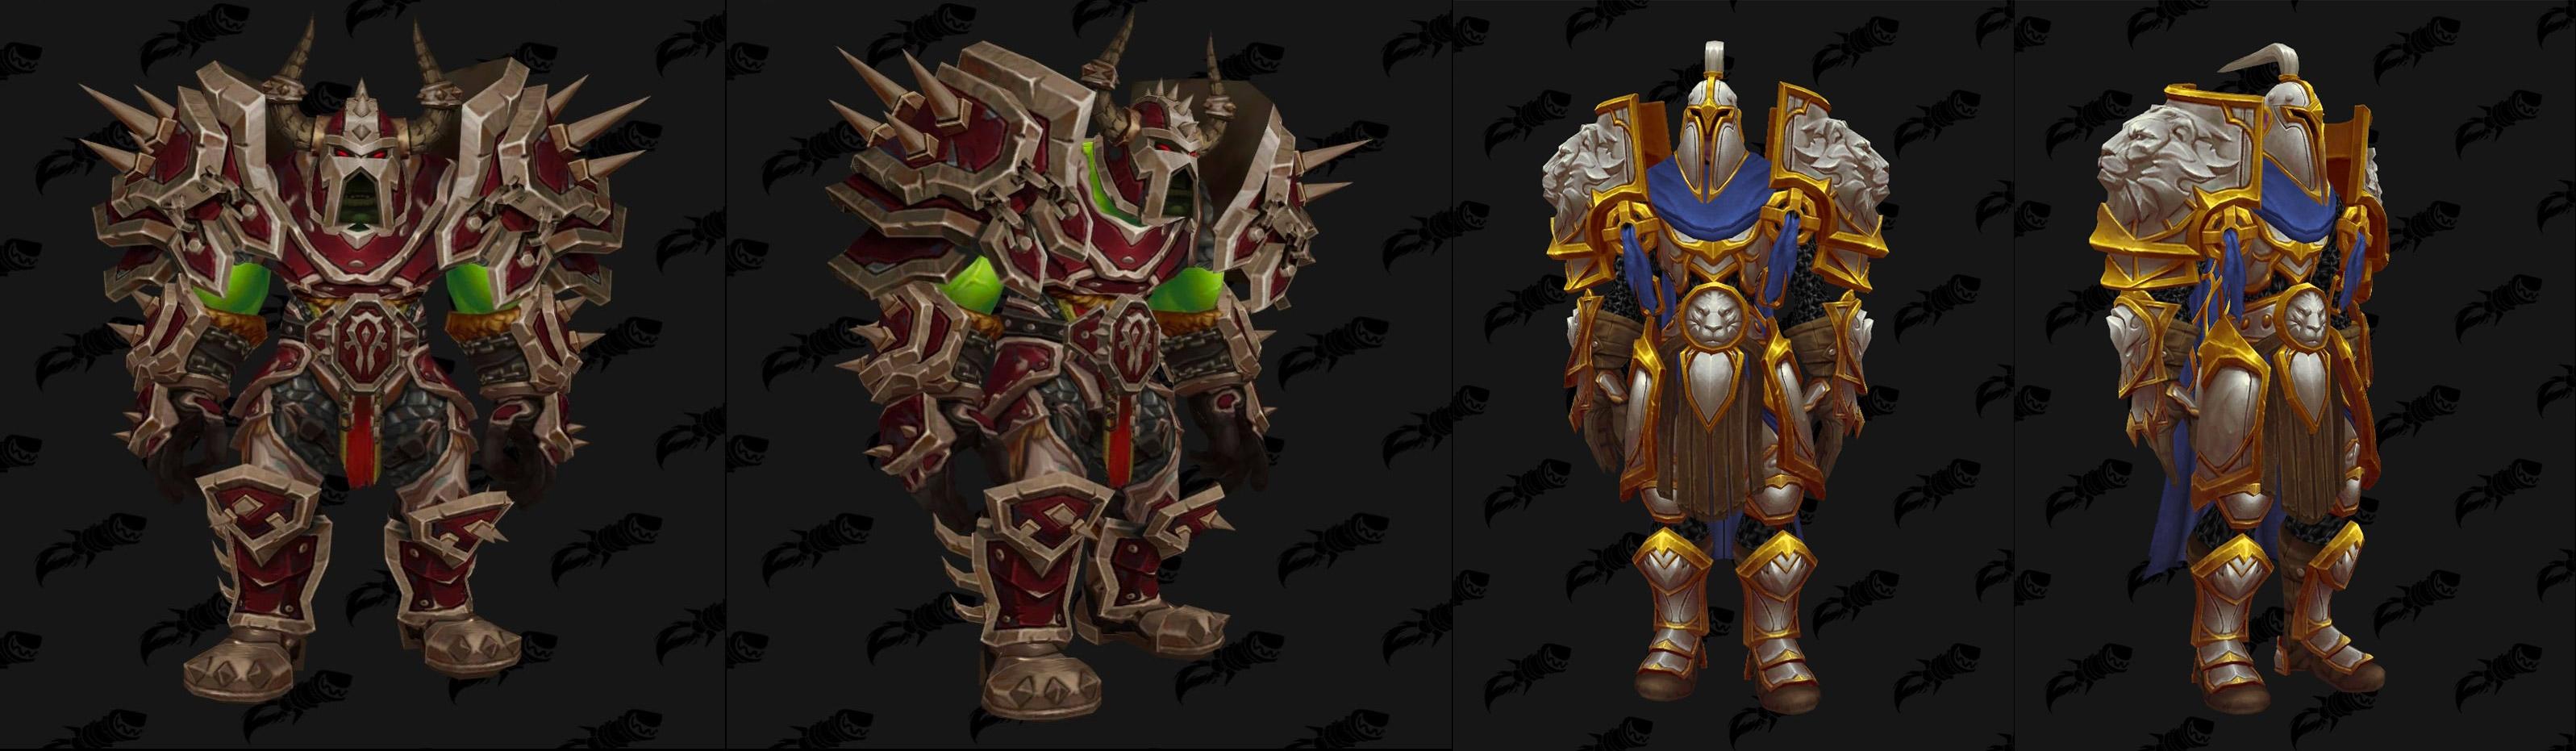 Les fronts de guerre permettent d'obtenir des armures uniques aux couleurs des factions